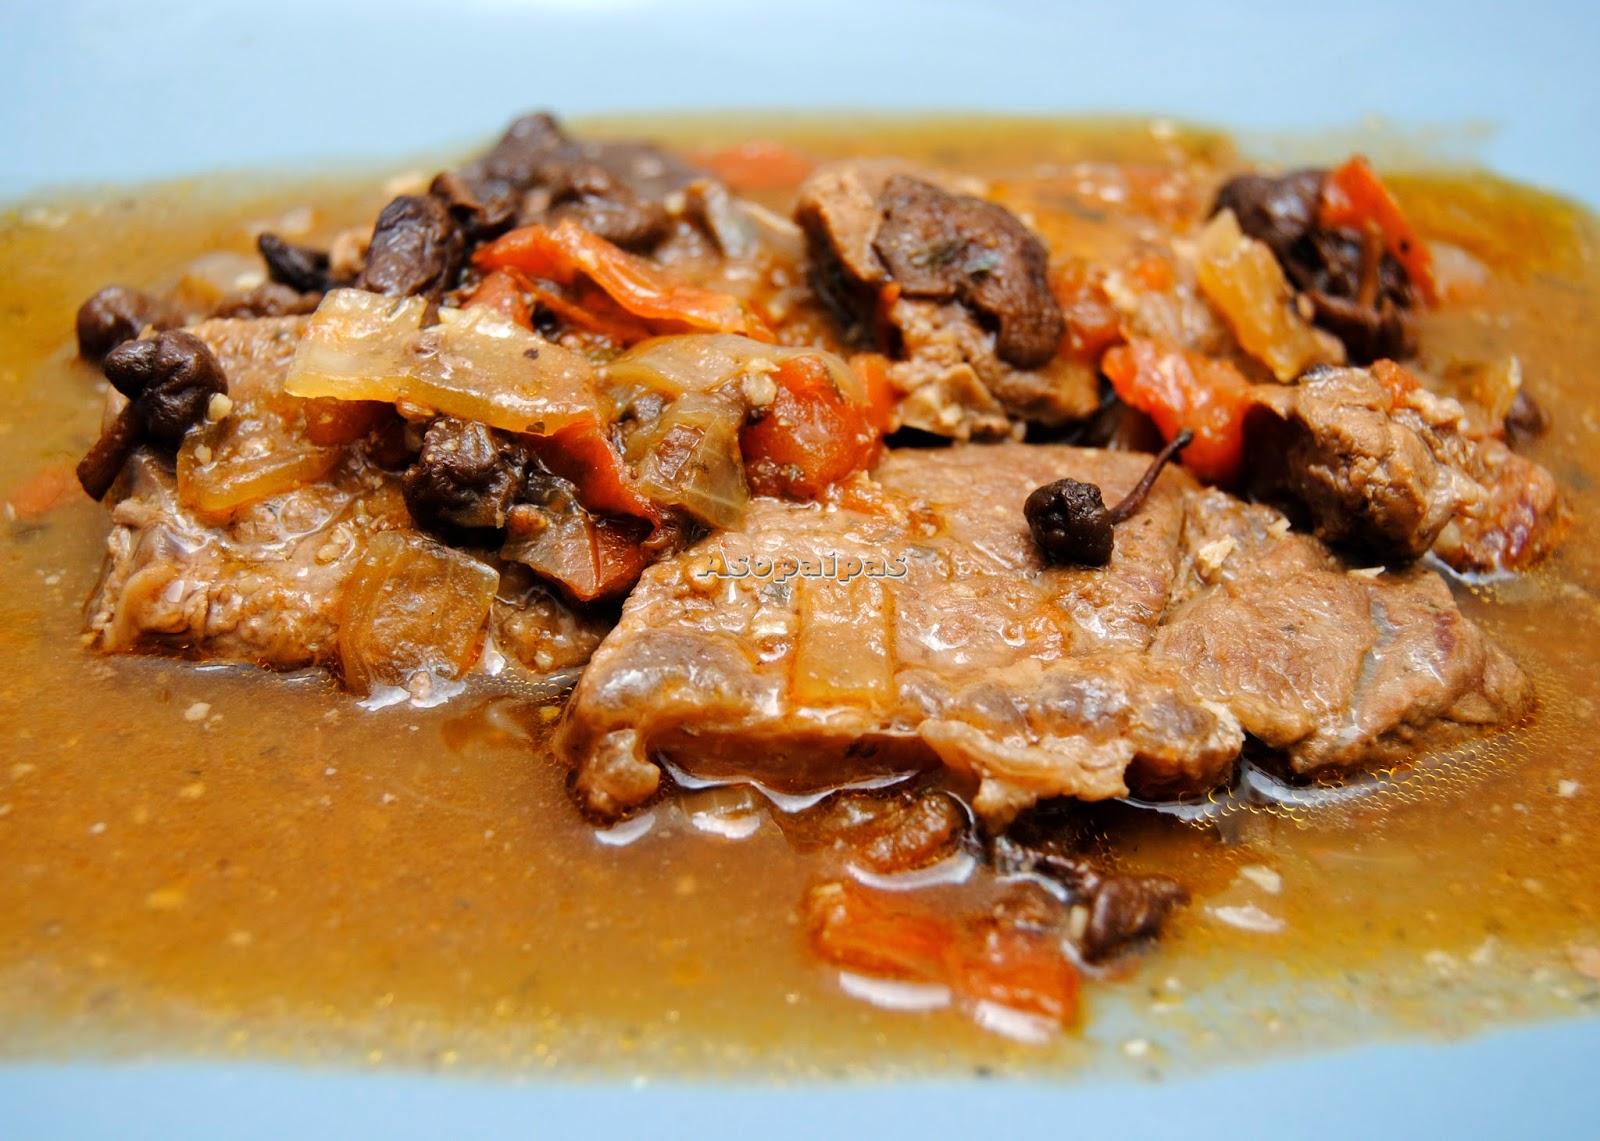 Fricand receta asopaipas recetas de cocina casera for Recetas cocina casera